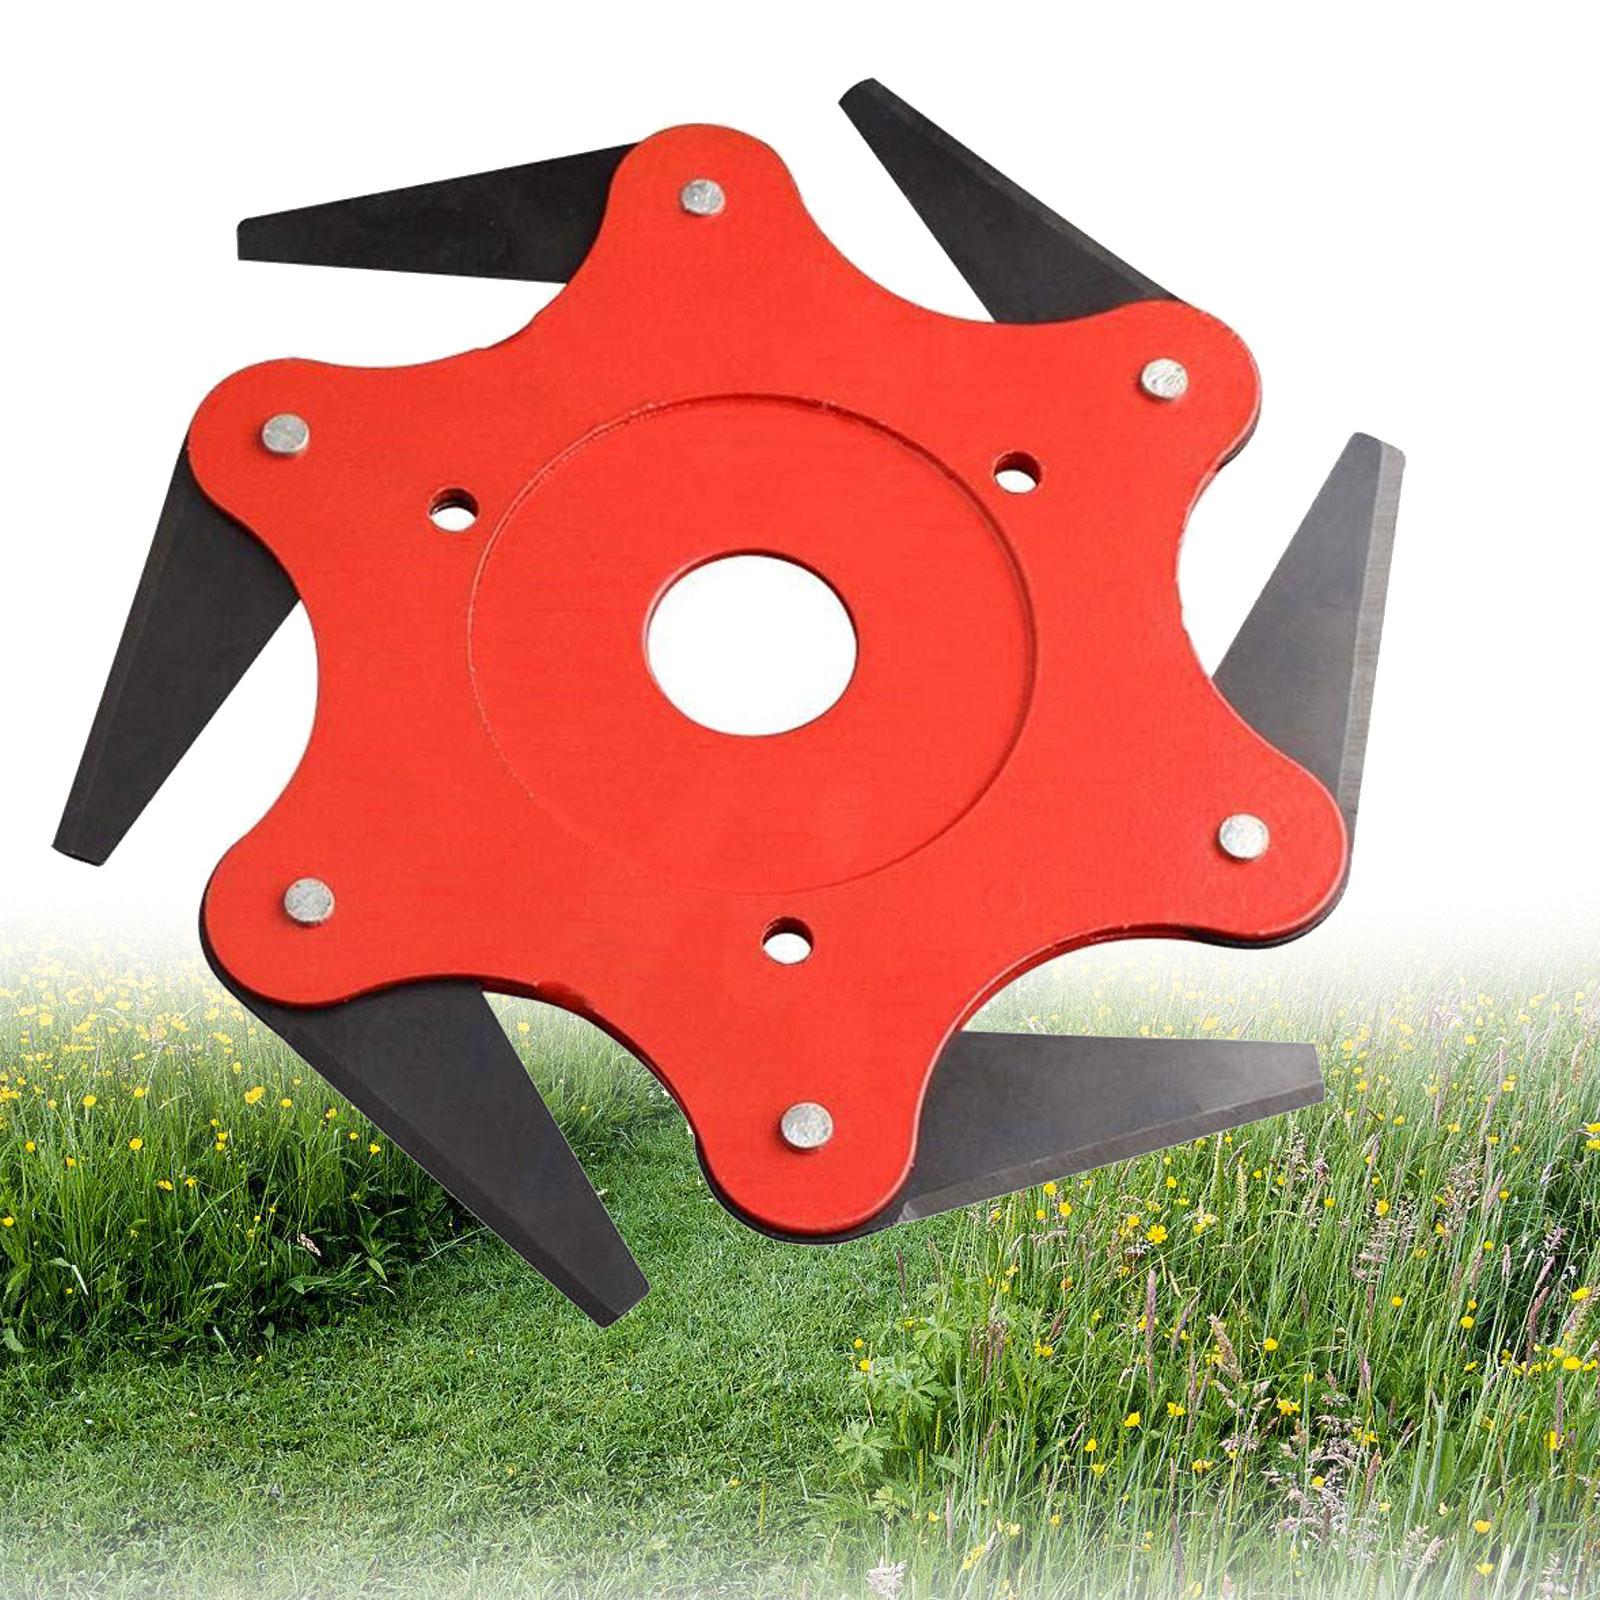 Details about String Trimmer Blade Head Carbon Steel Grass Strimmer Brush  Cutter Lawn Garden